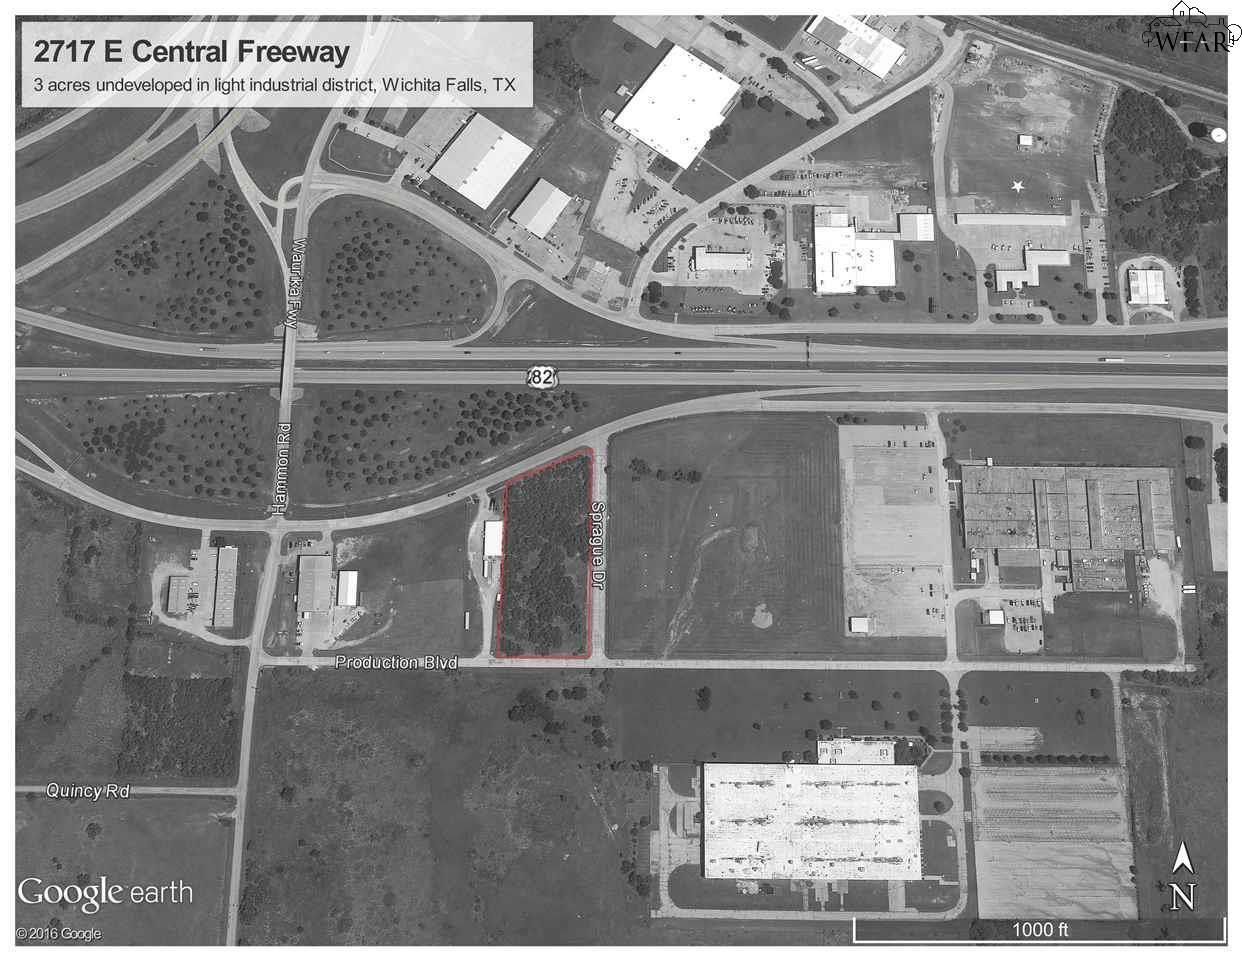 2717 E CENTRAL FREEWAY, Wichita Falls, TX 76302